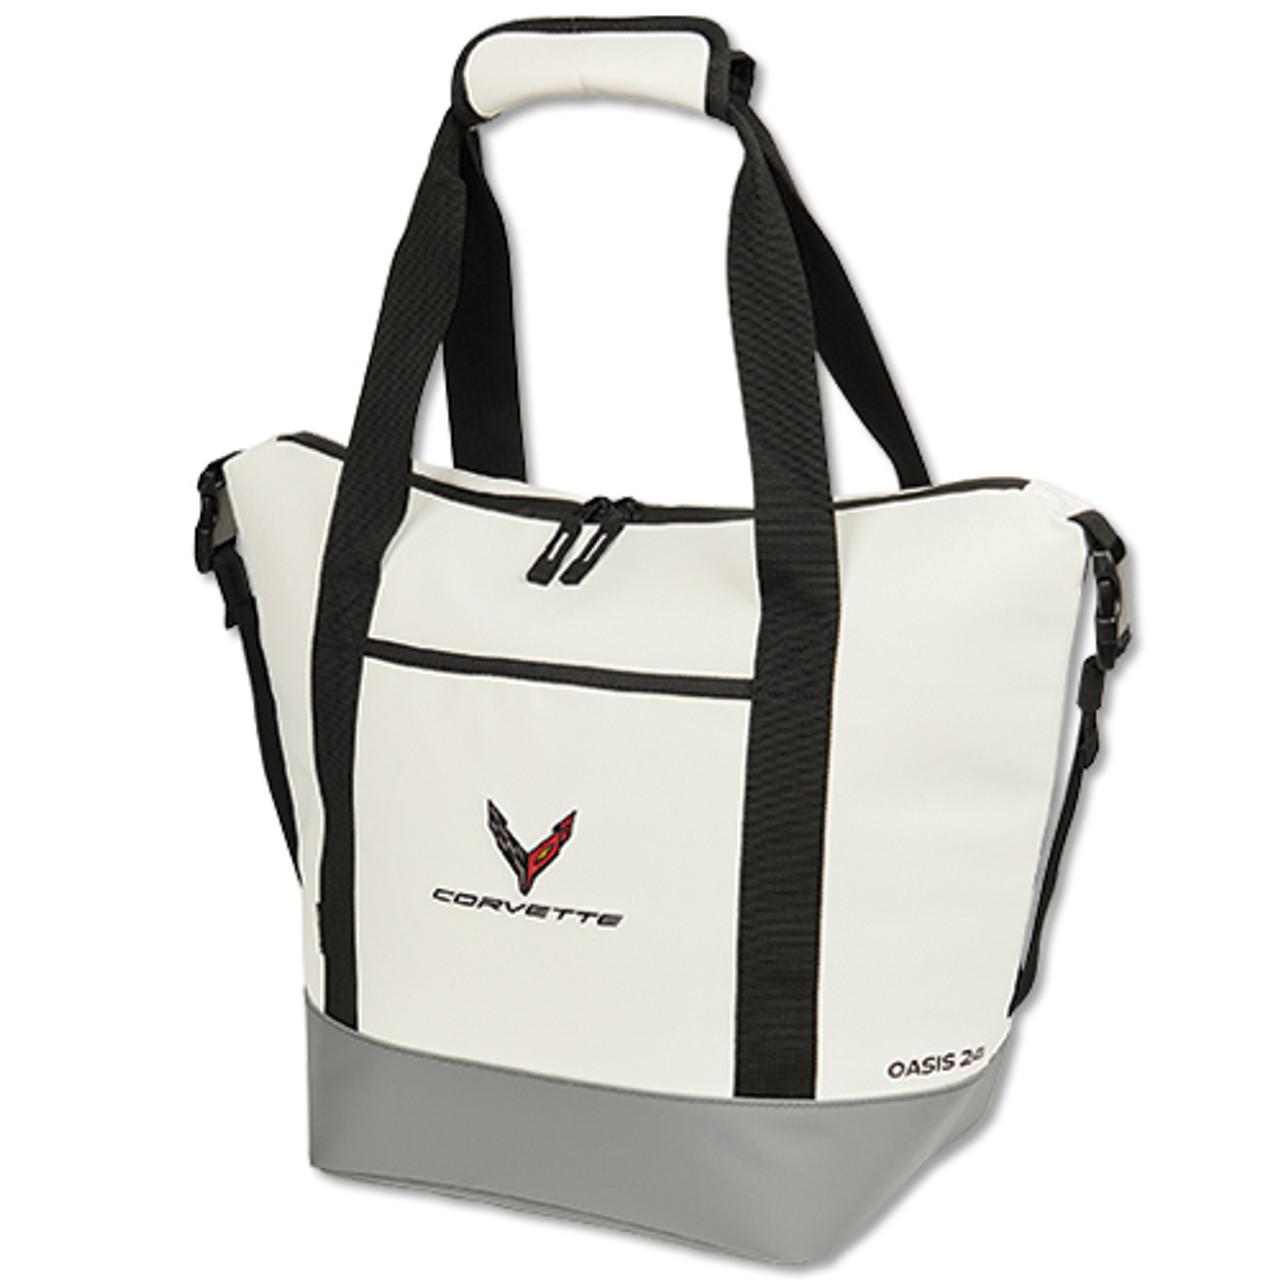 C8 Corvette White Cooler Bag